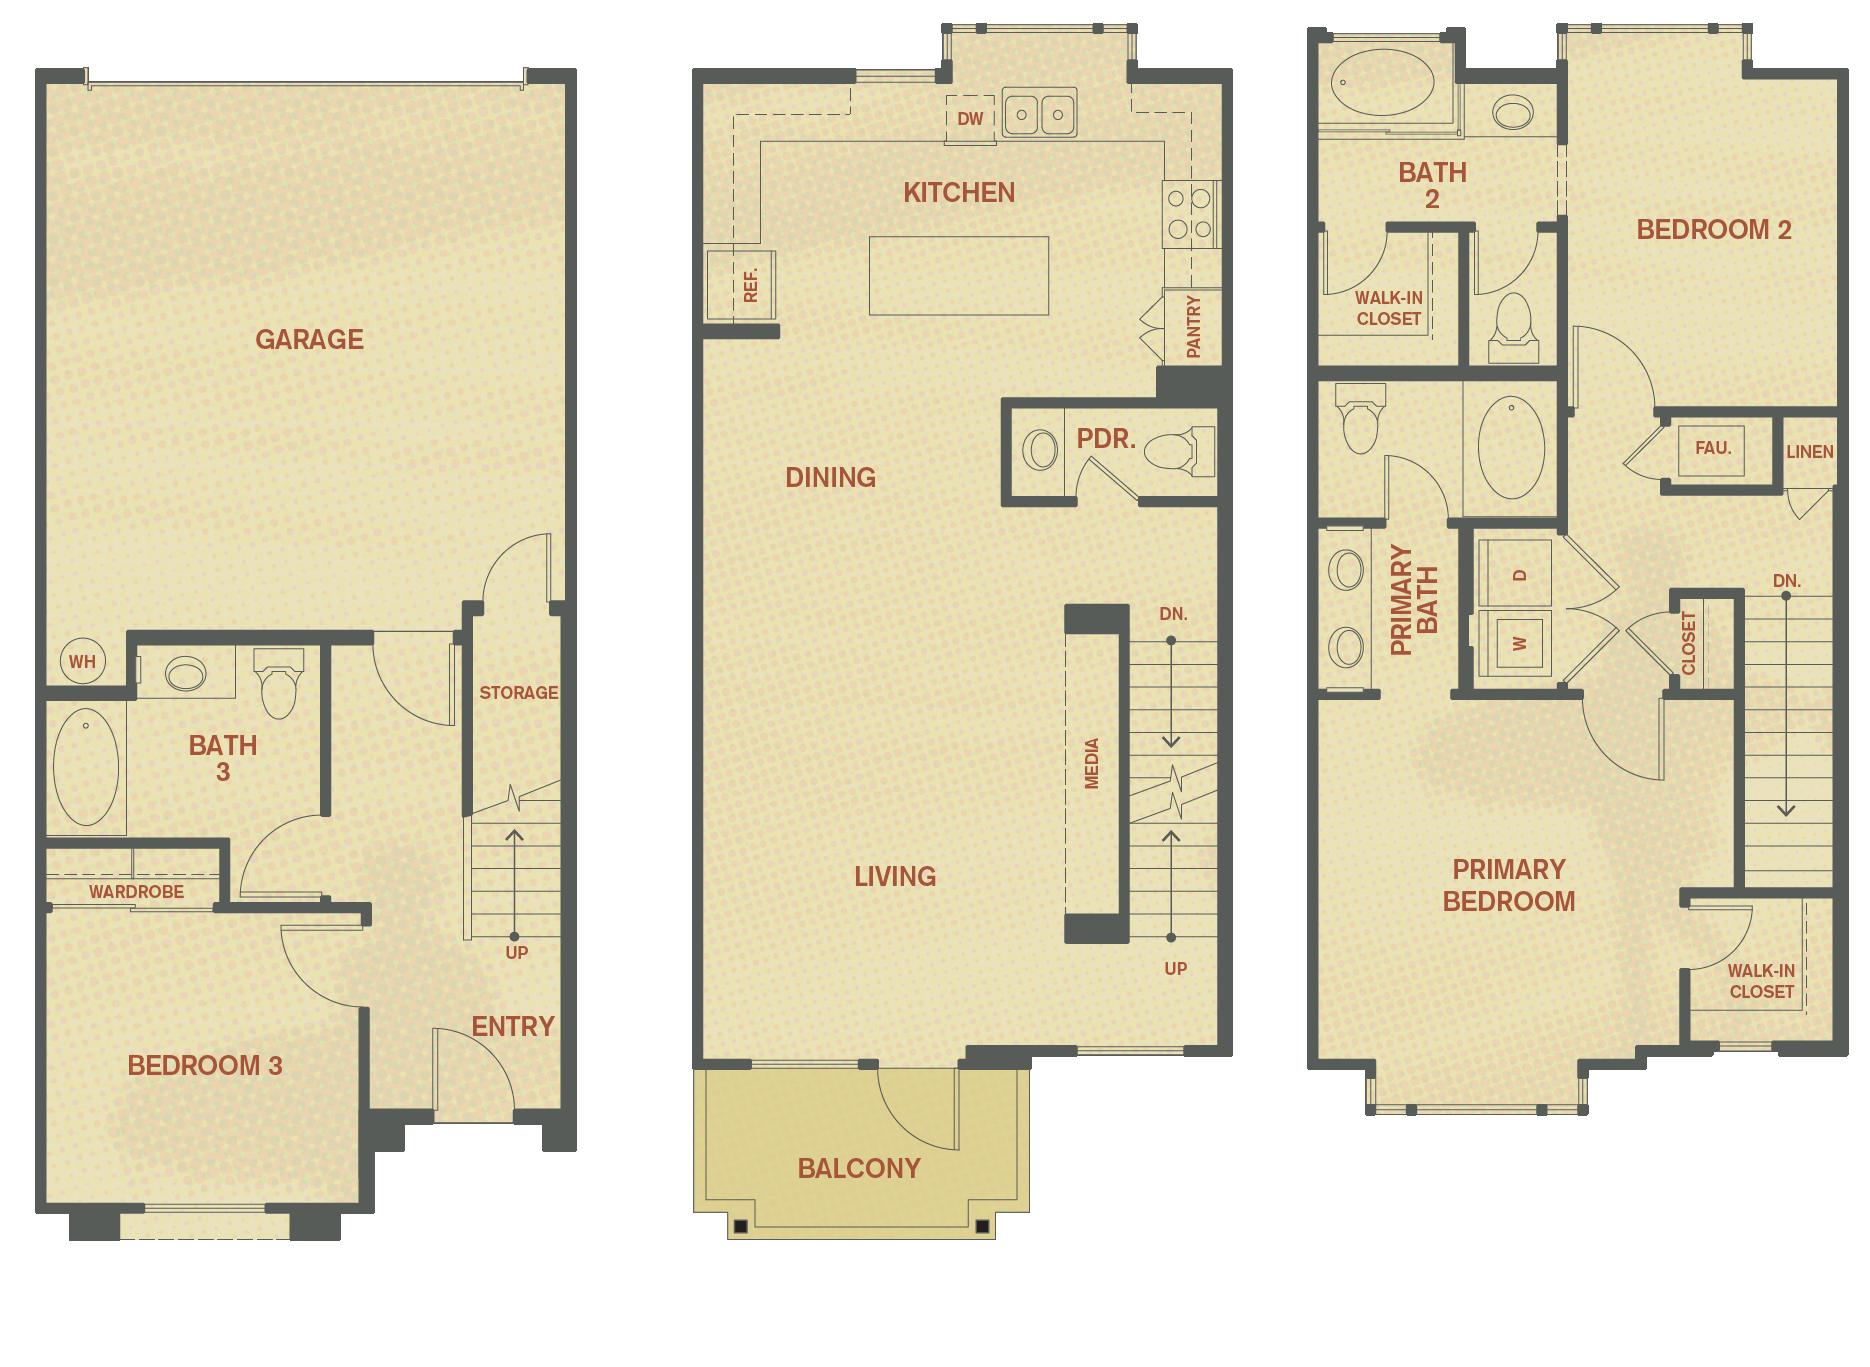 Plan D - 3 Bedroom , 3.5 Bath Floor Plan